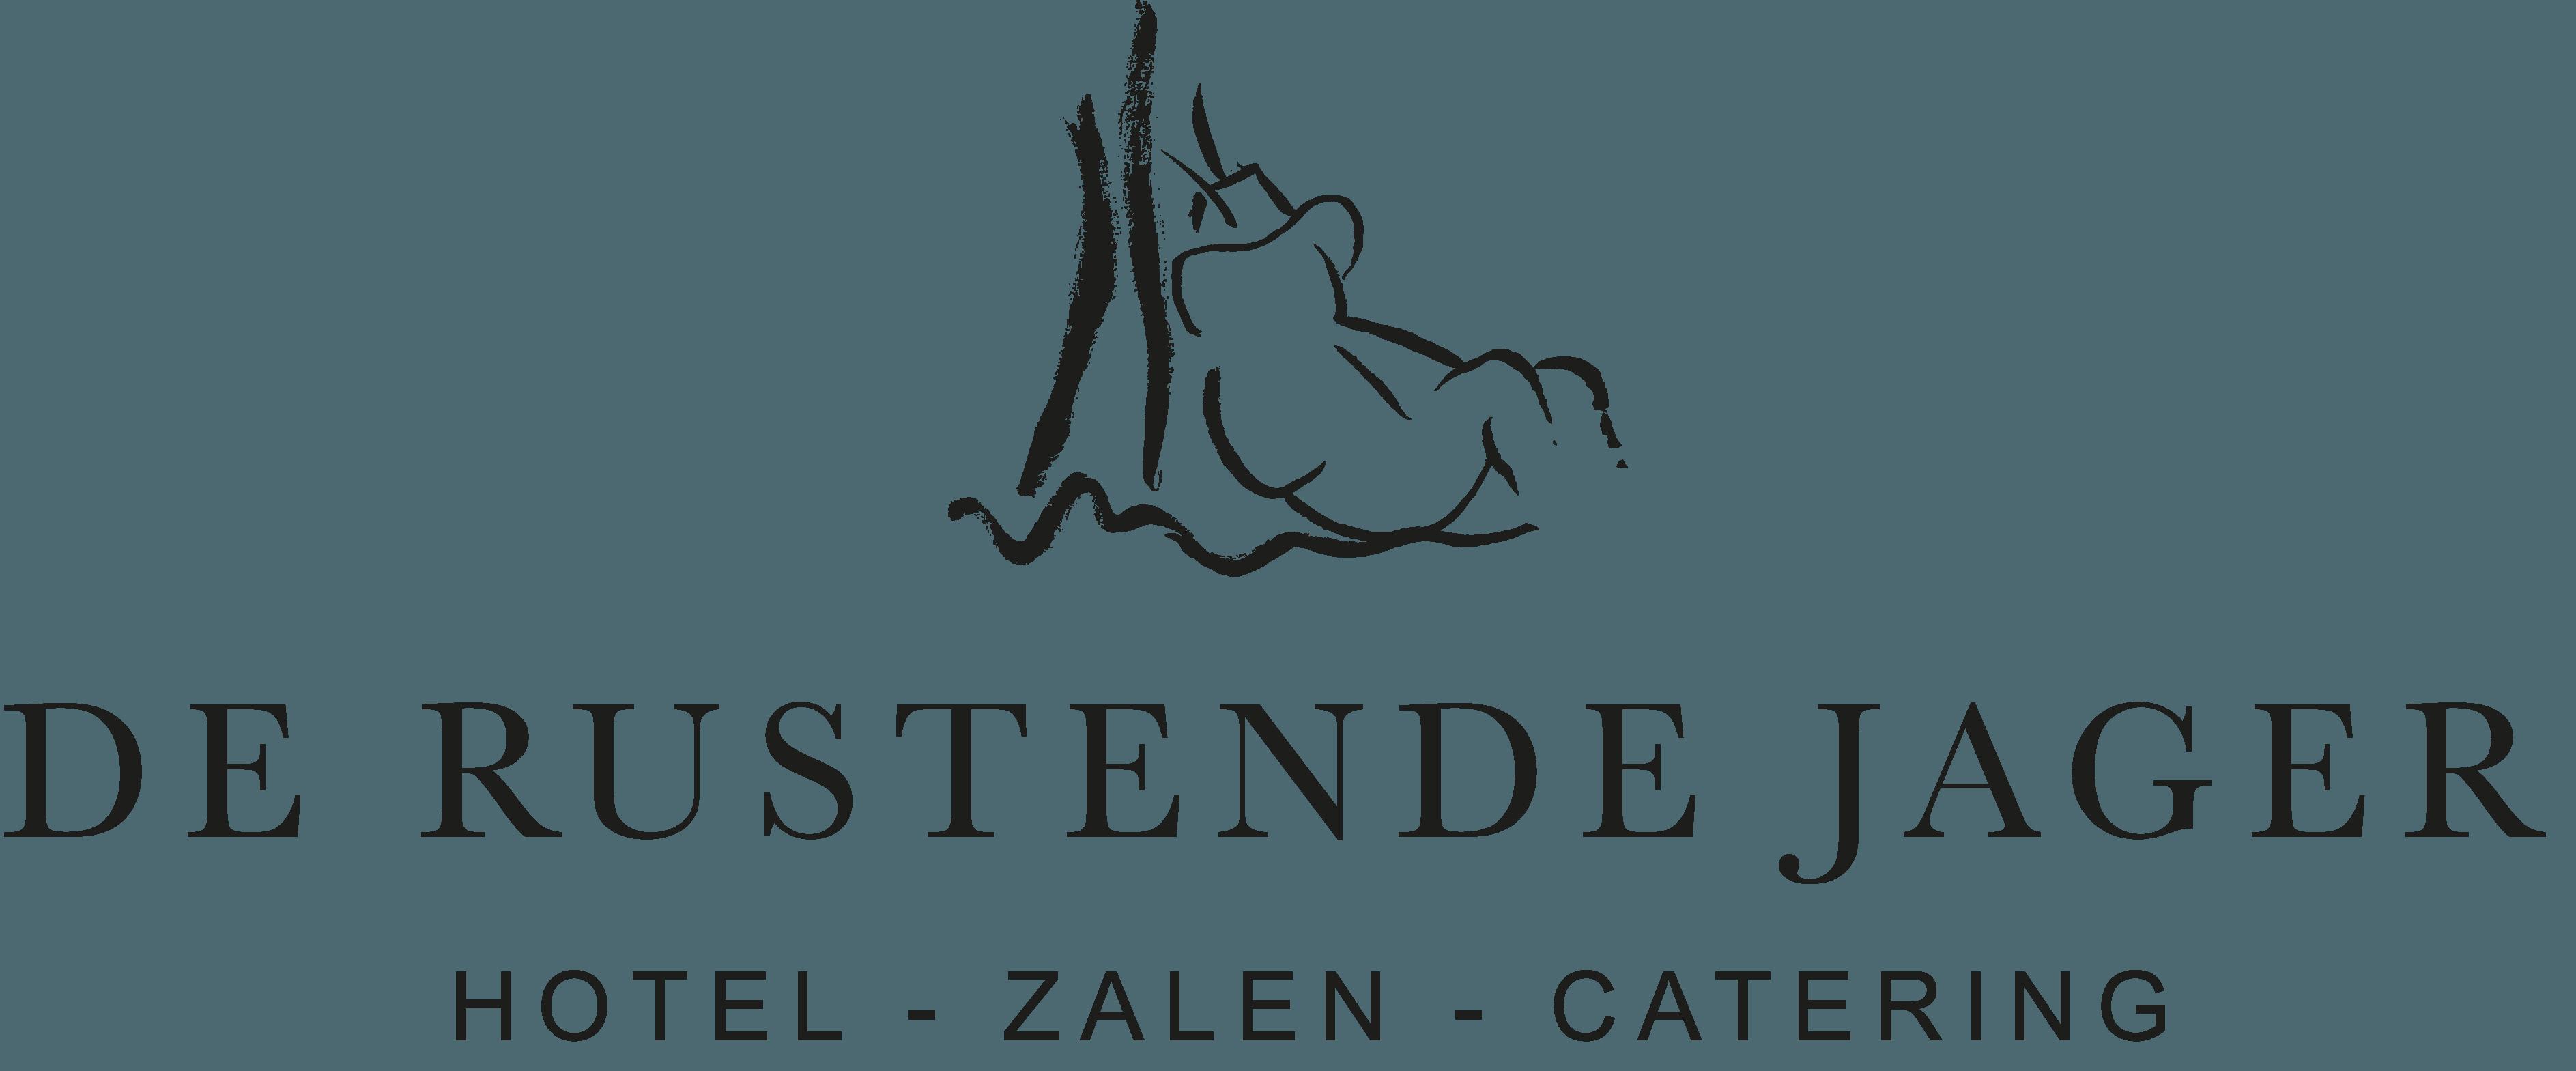 De Rustende Jager | Catering